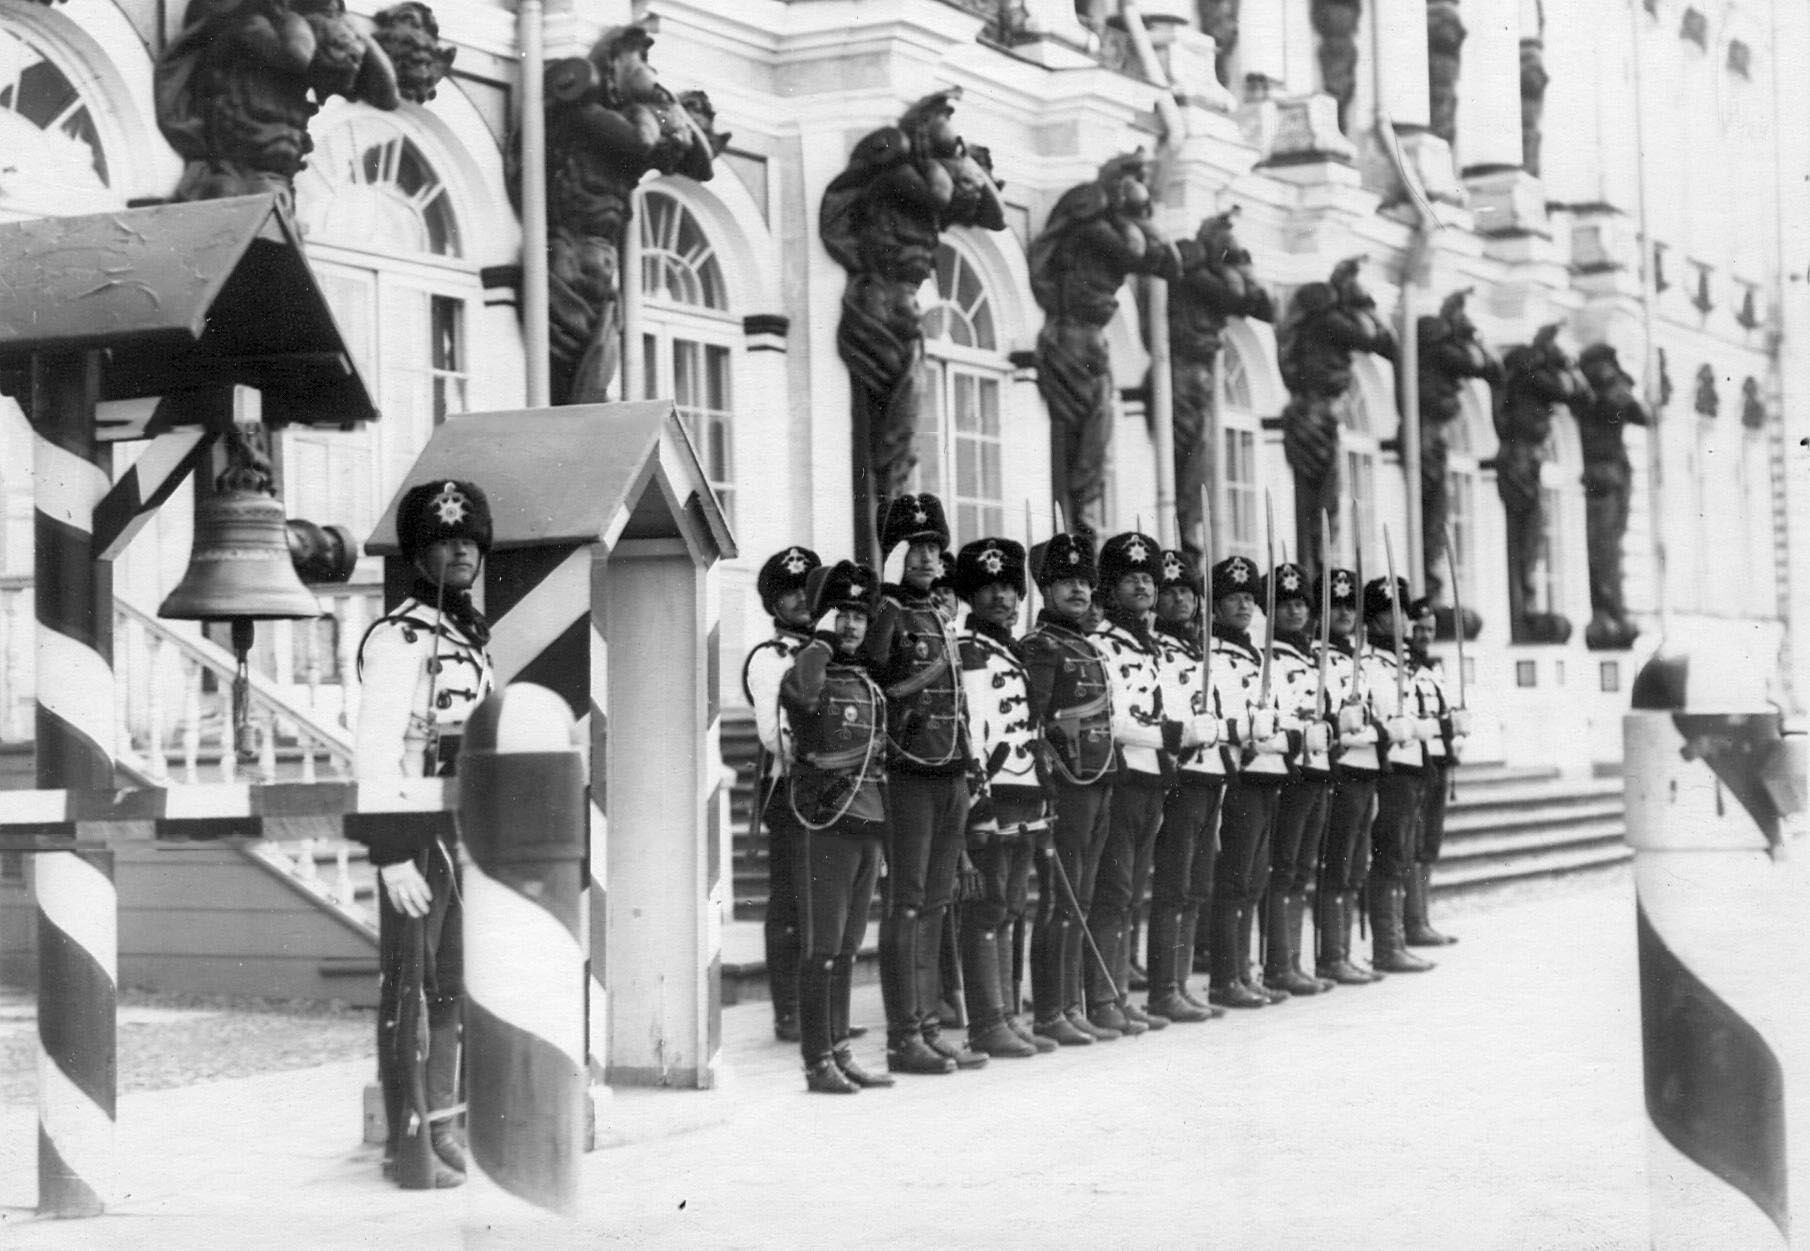 1913. Дворцовый караул полка у здания Екатерининского дворца. 22 апреля